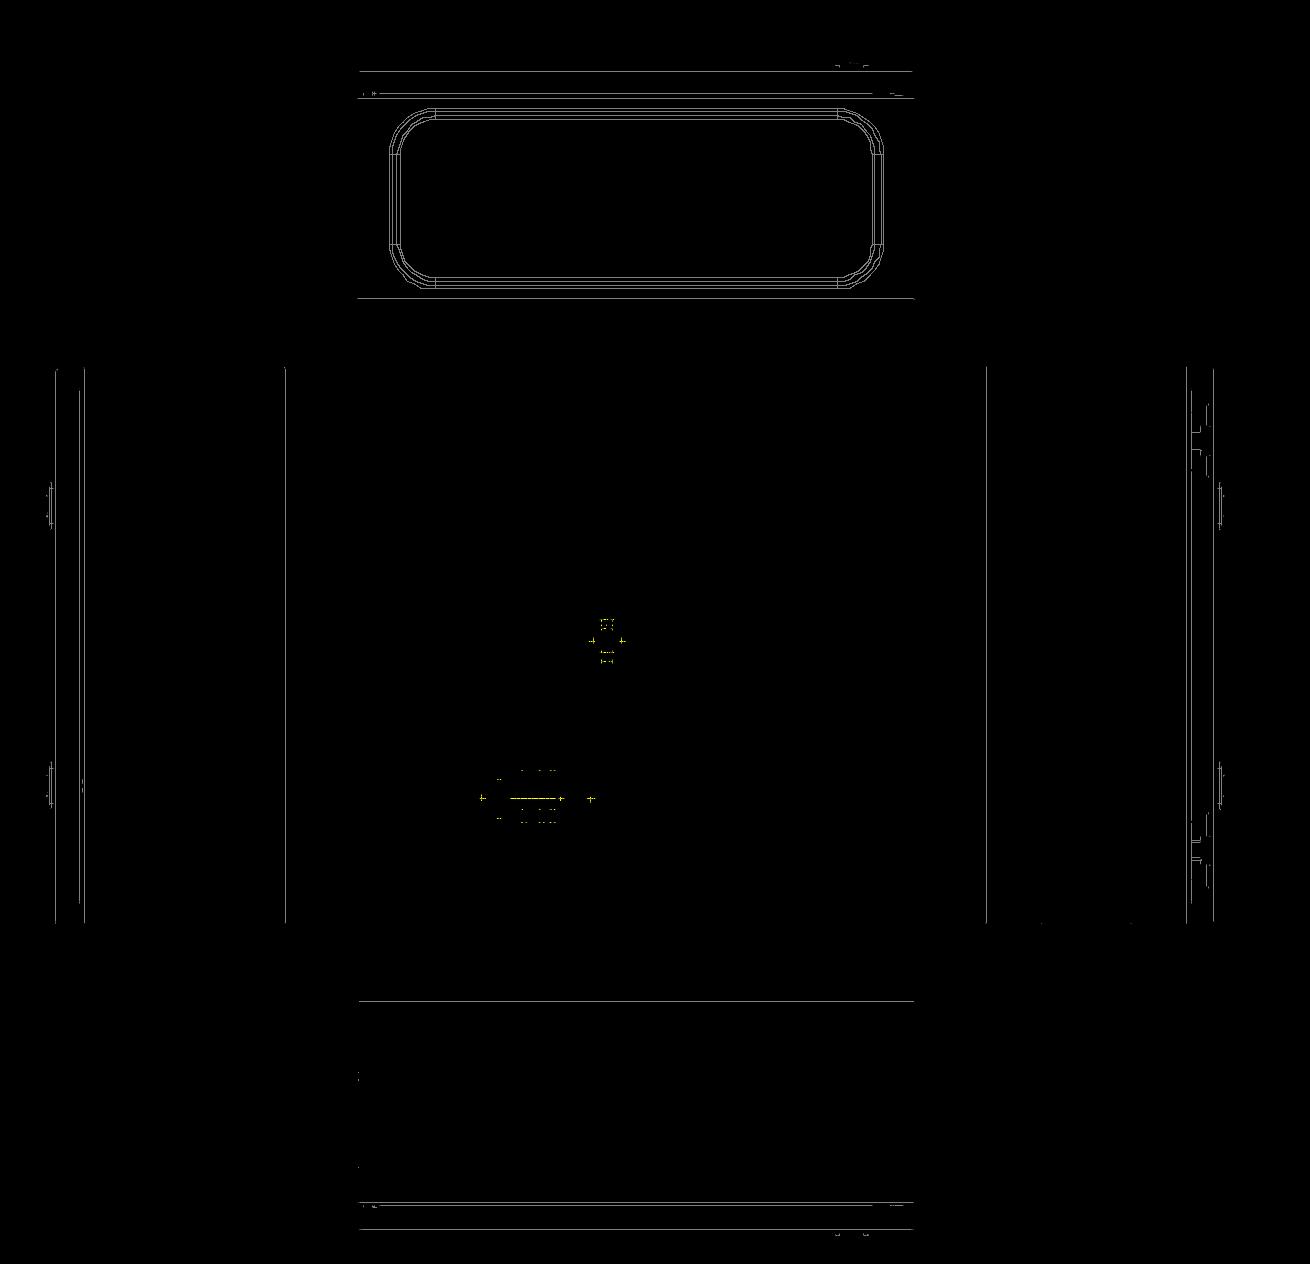 VOK-212-naama